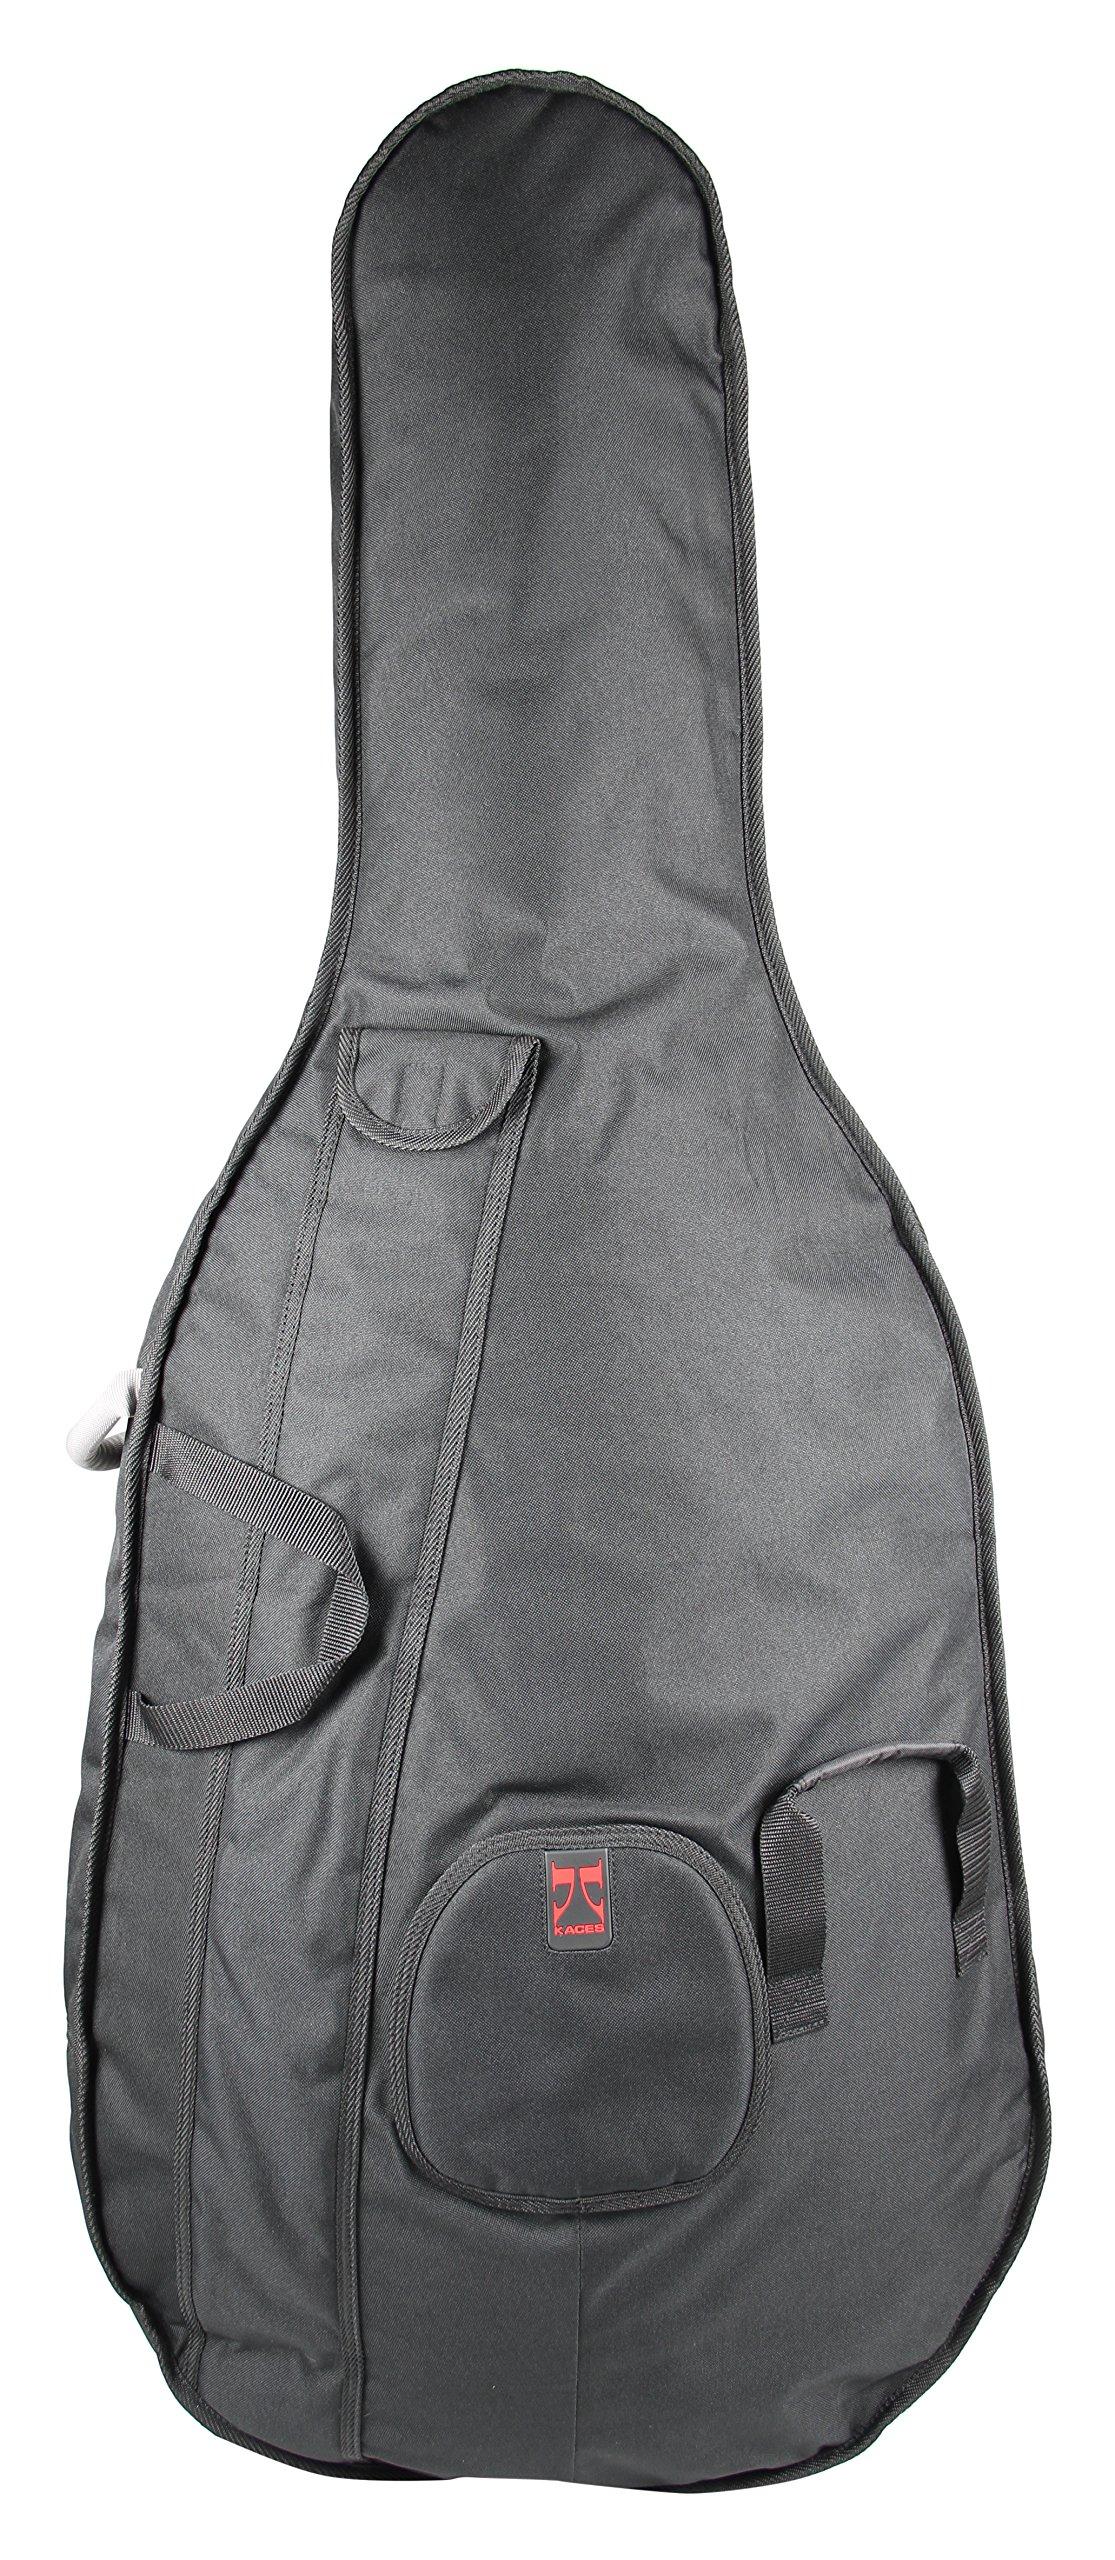 Kaces UKUB-1/2 University Series 1/2 Size Bass Bag